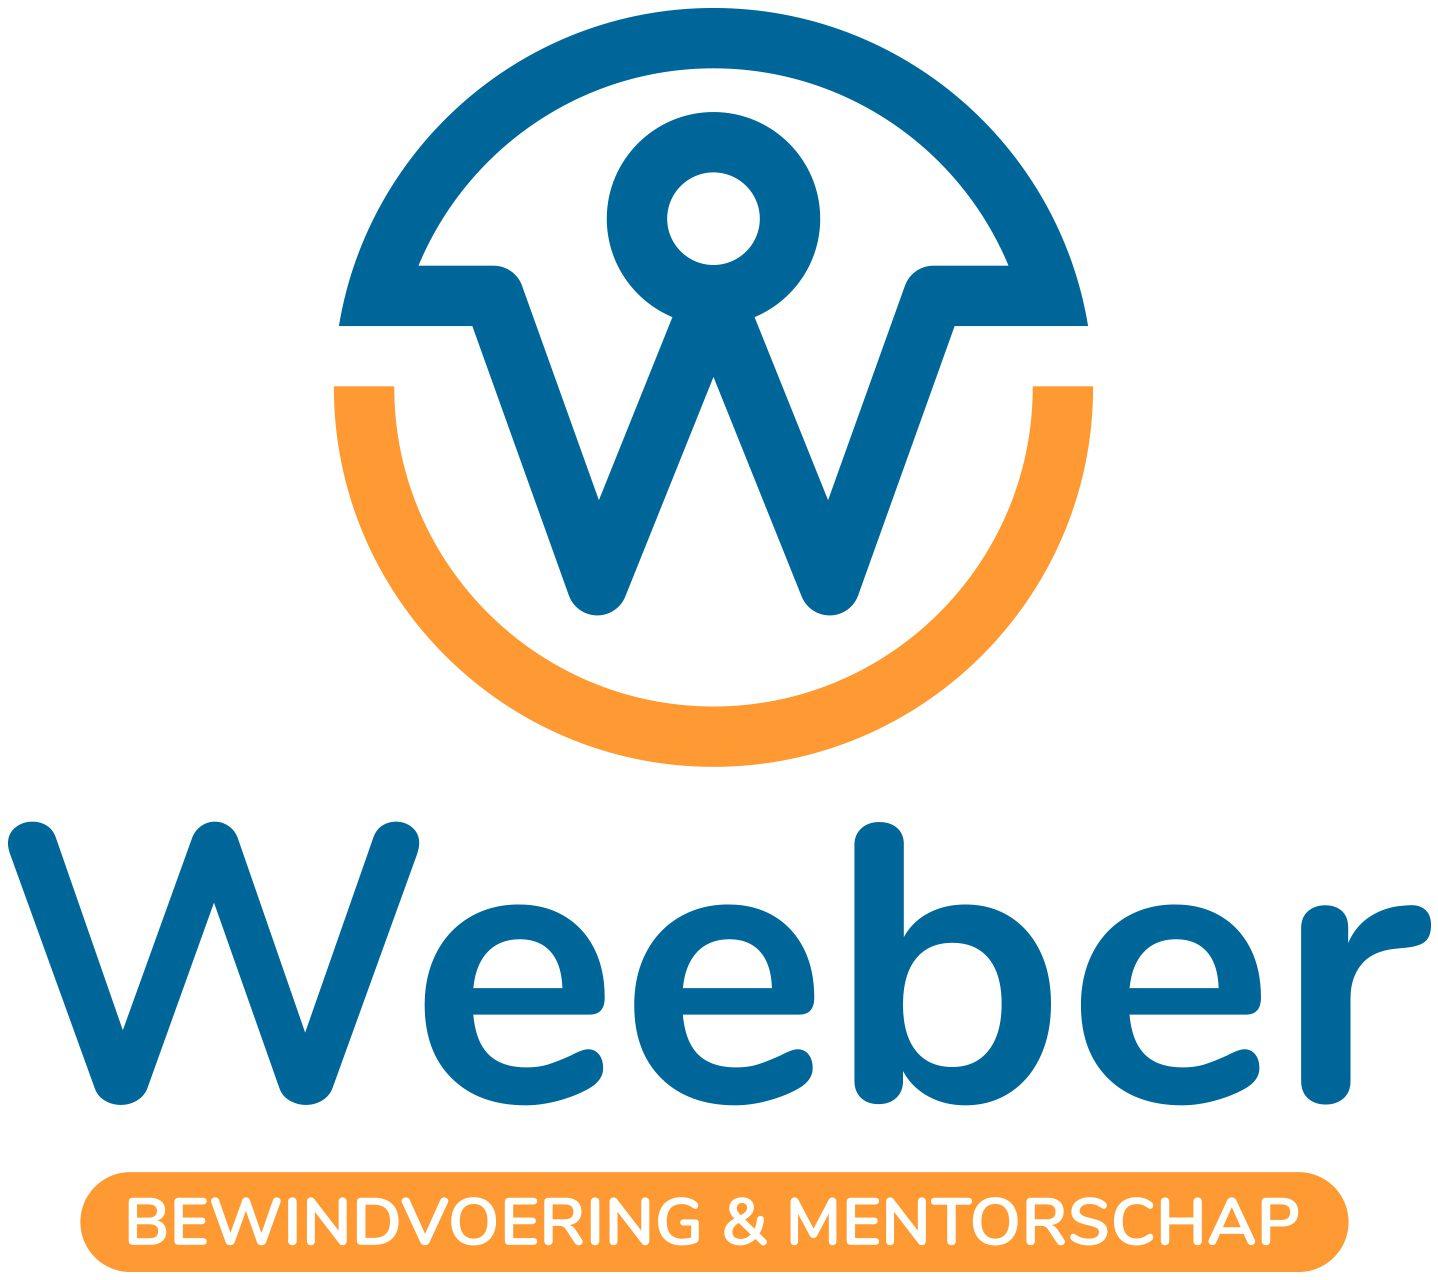 Bewindvoering & Mentorschap Weeber